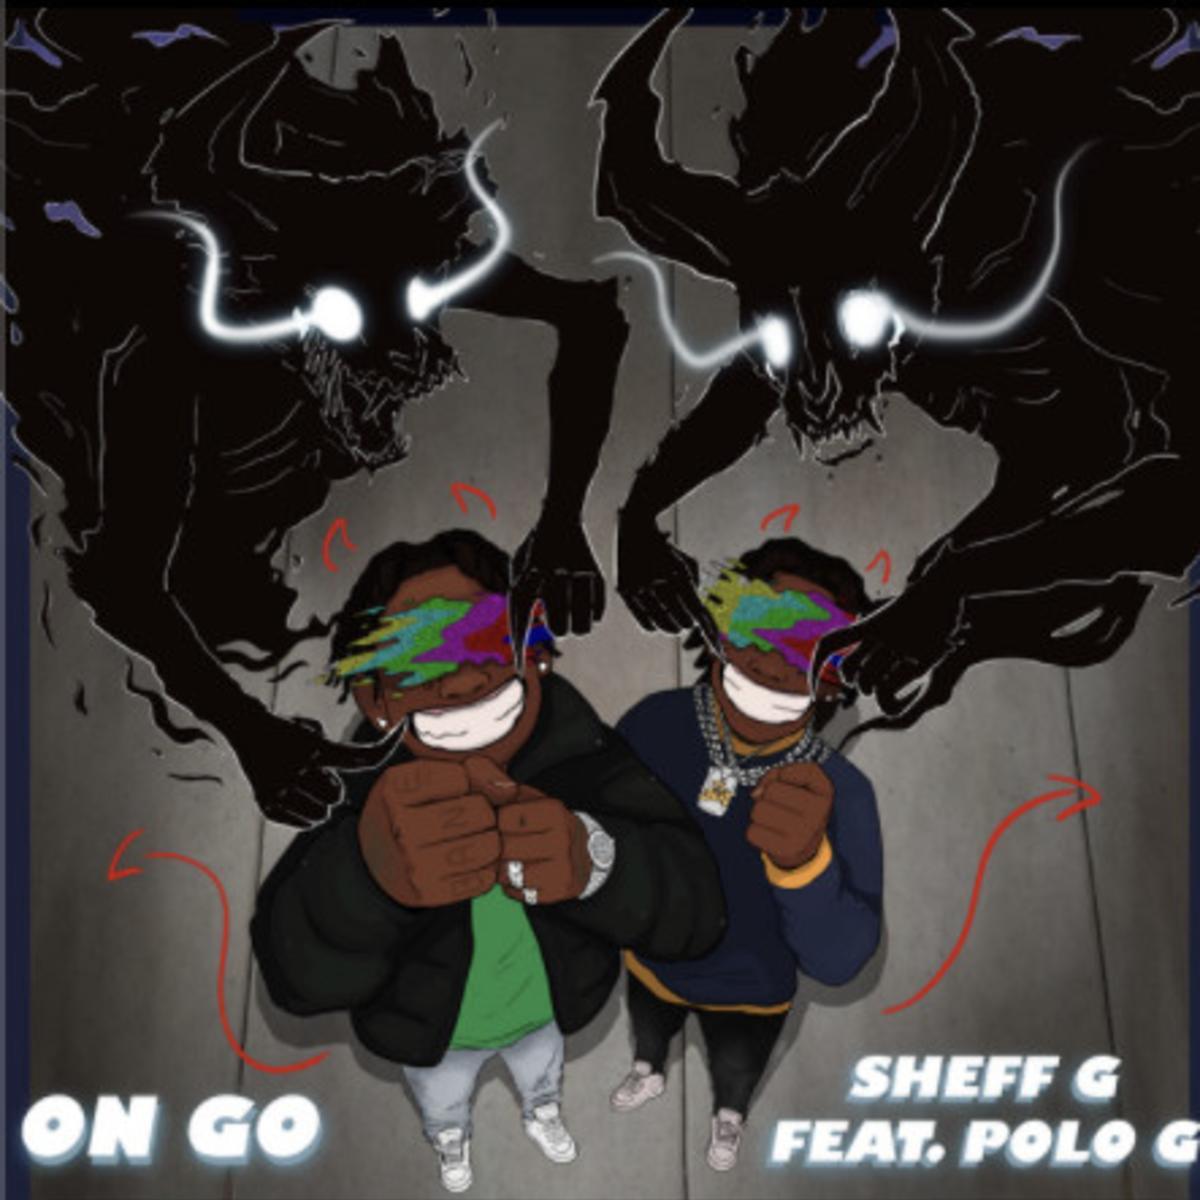 Sheff G Ft. Polo G - On Go mp3